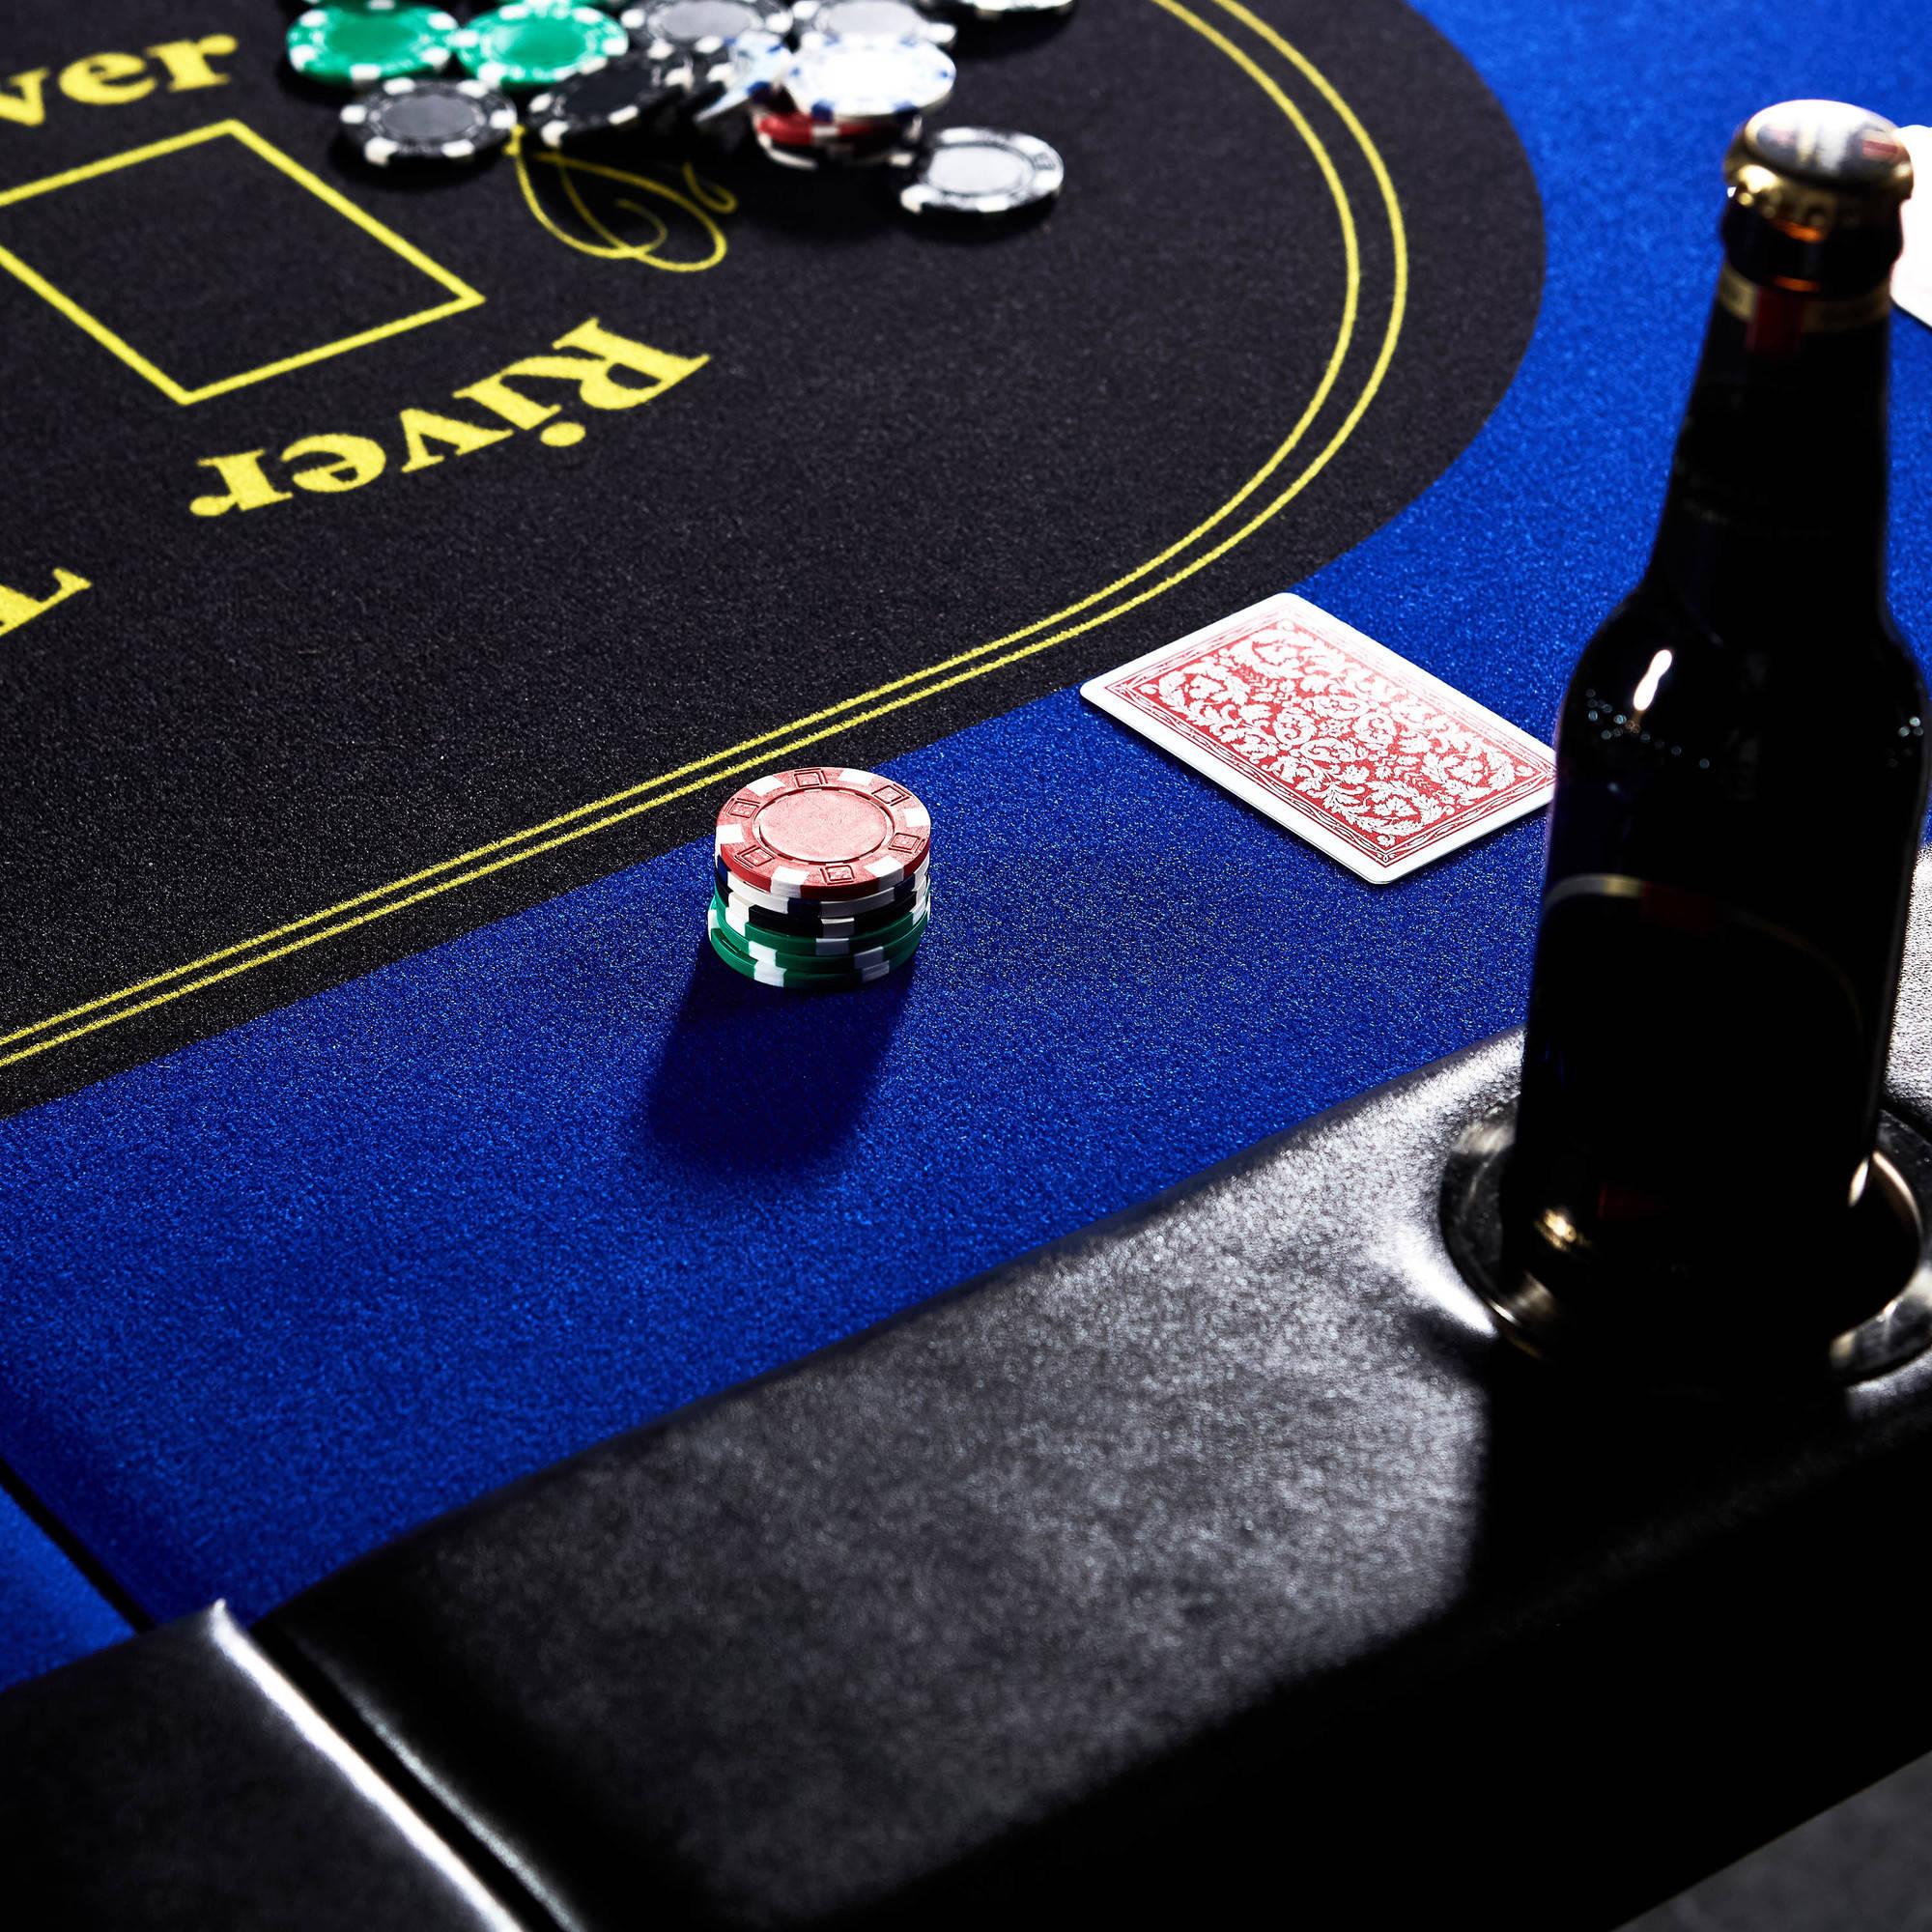 Holdem poker tables